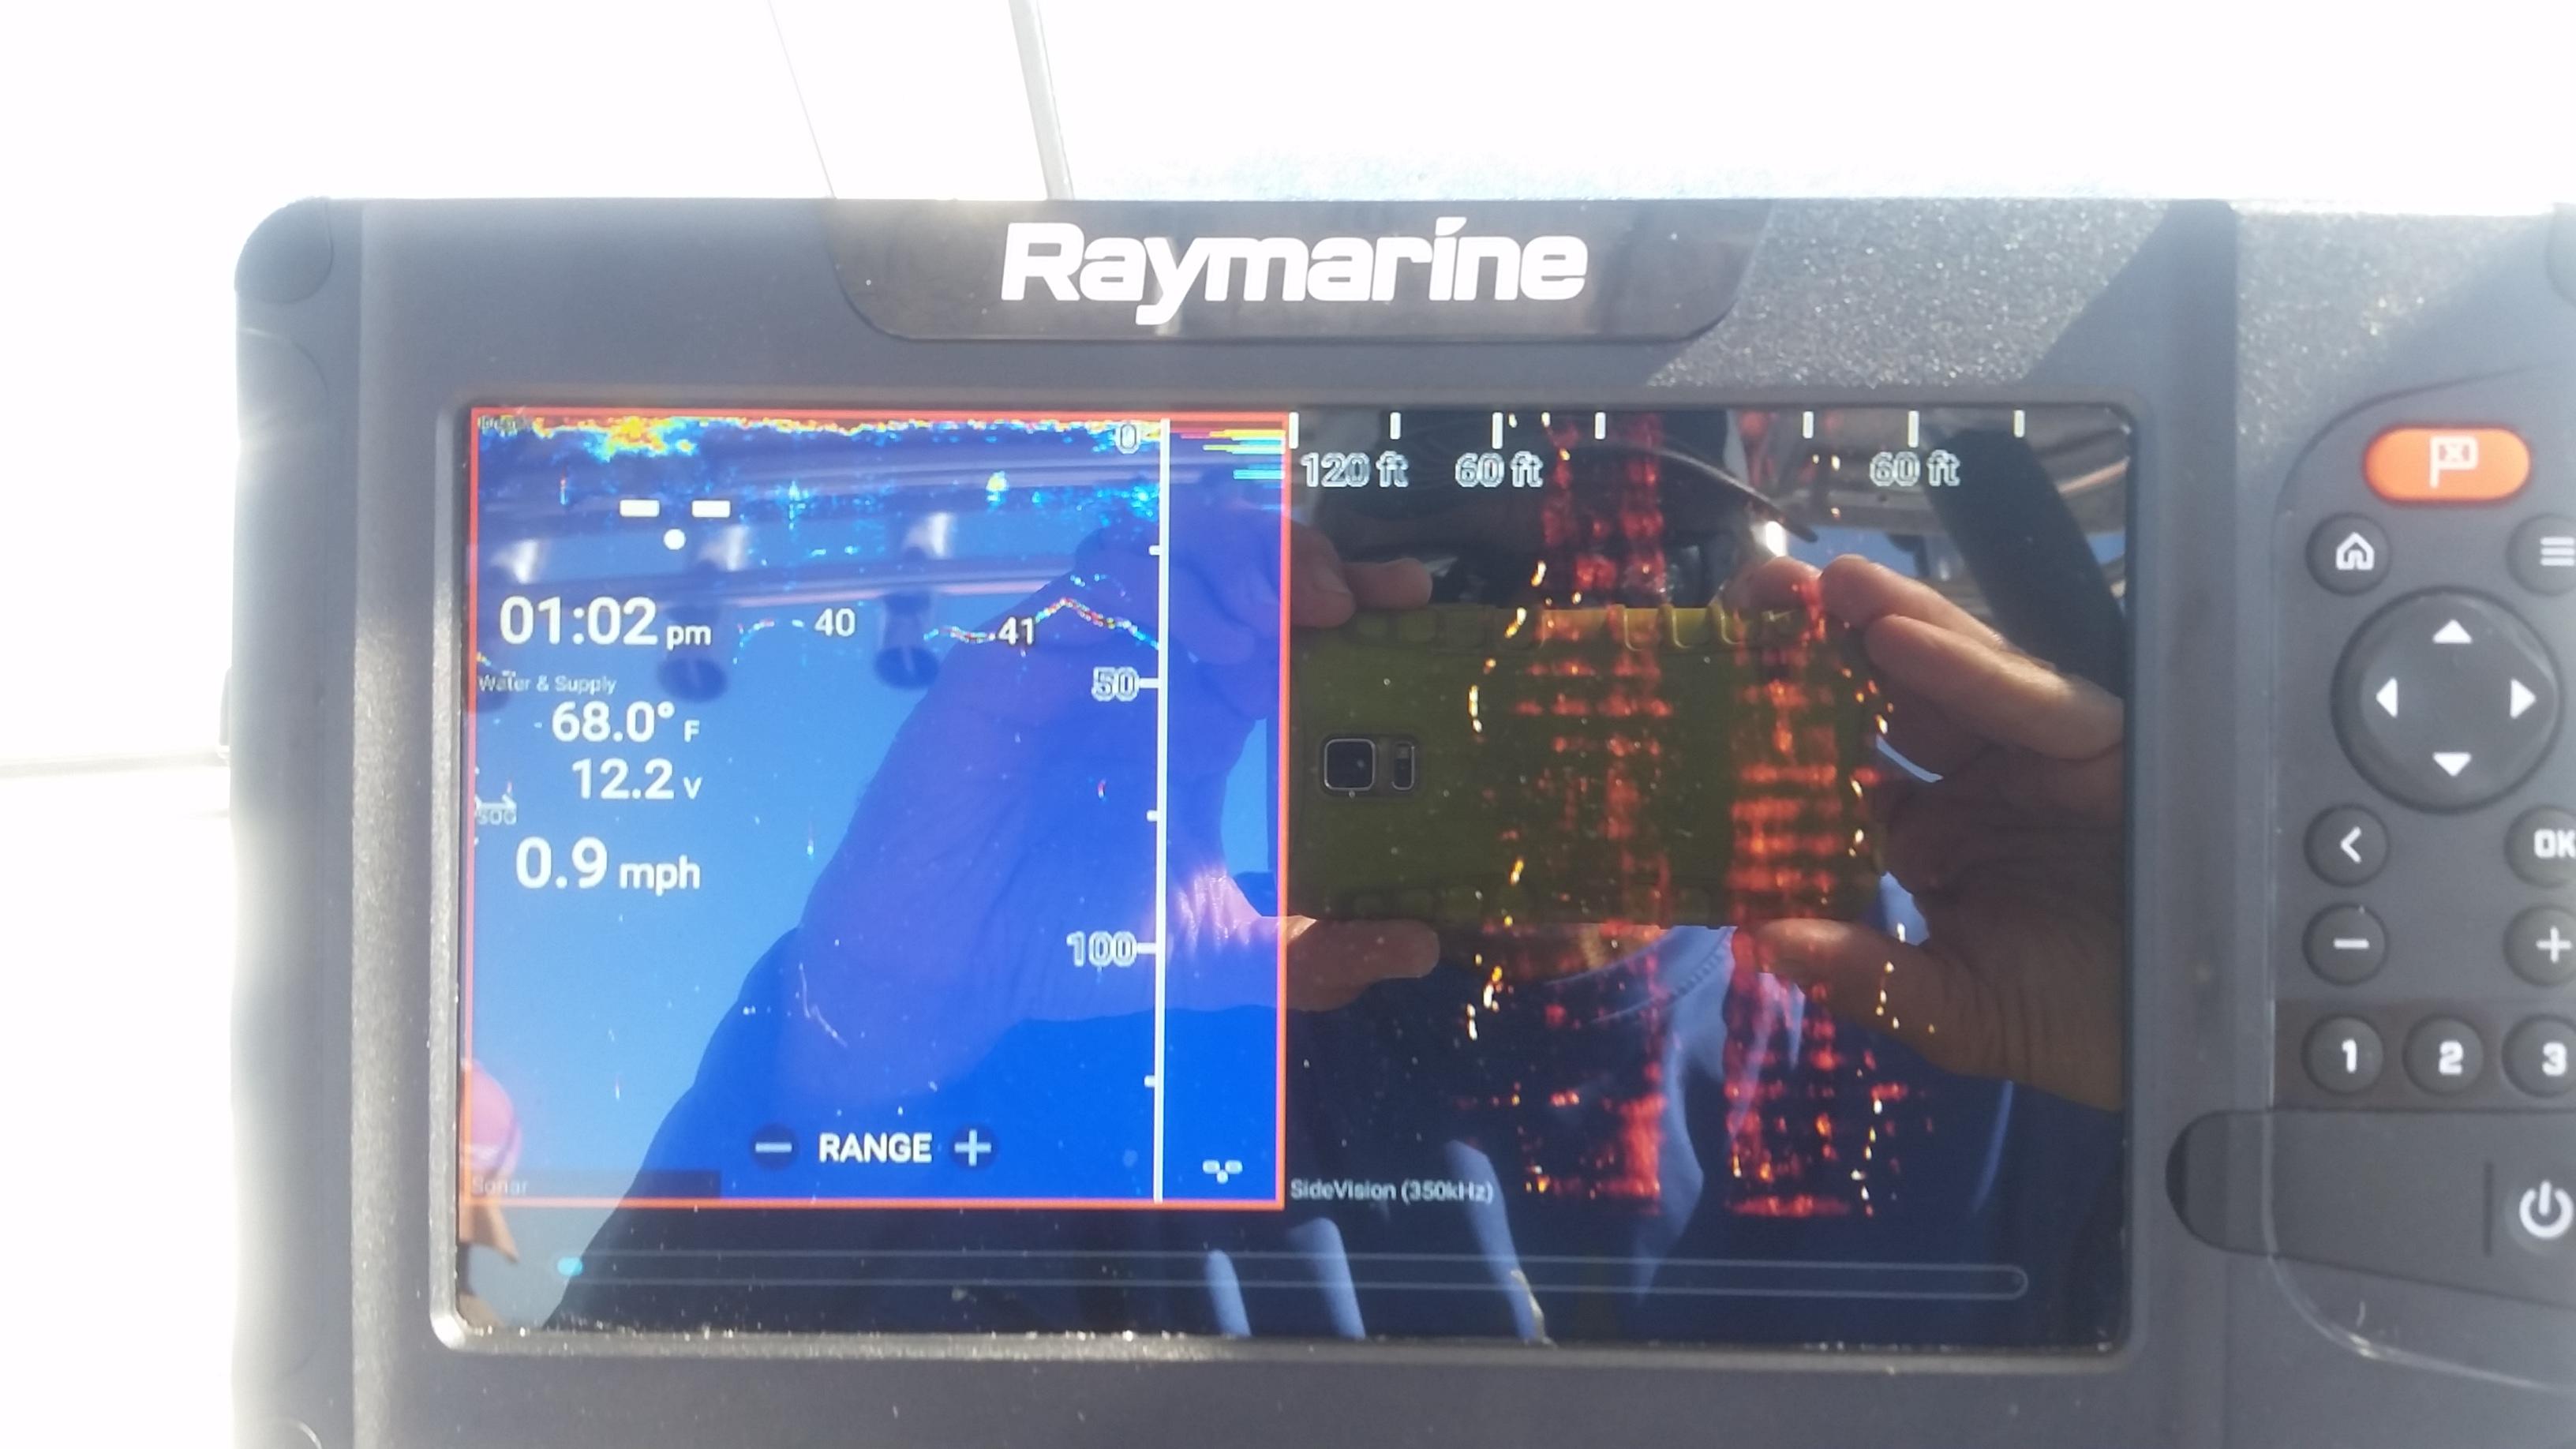 11-04-20 YFT Doroda YT 40 miles south of PL 4.jpg